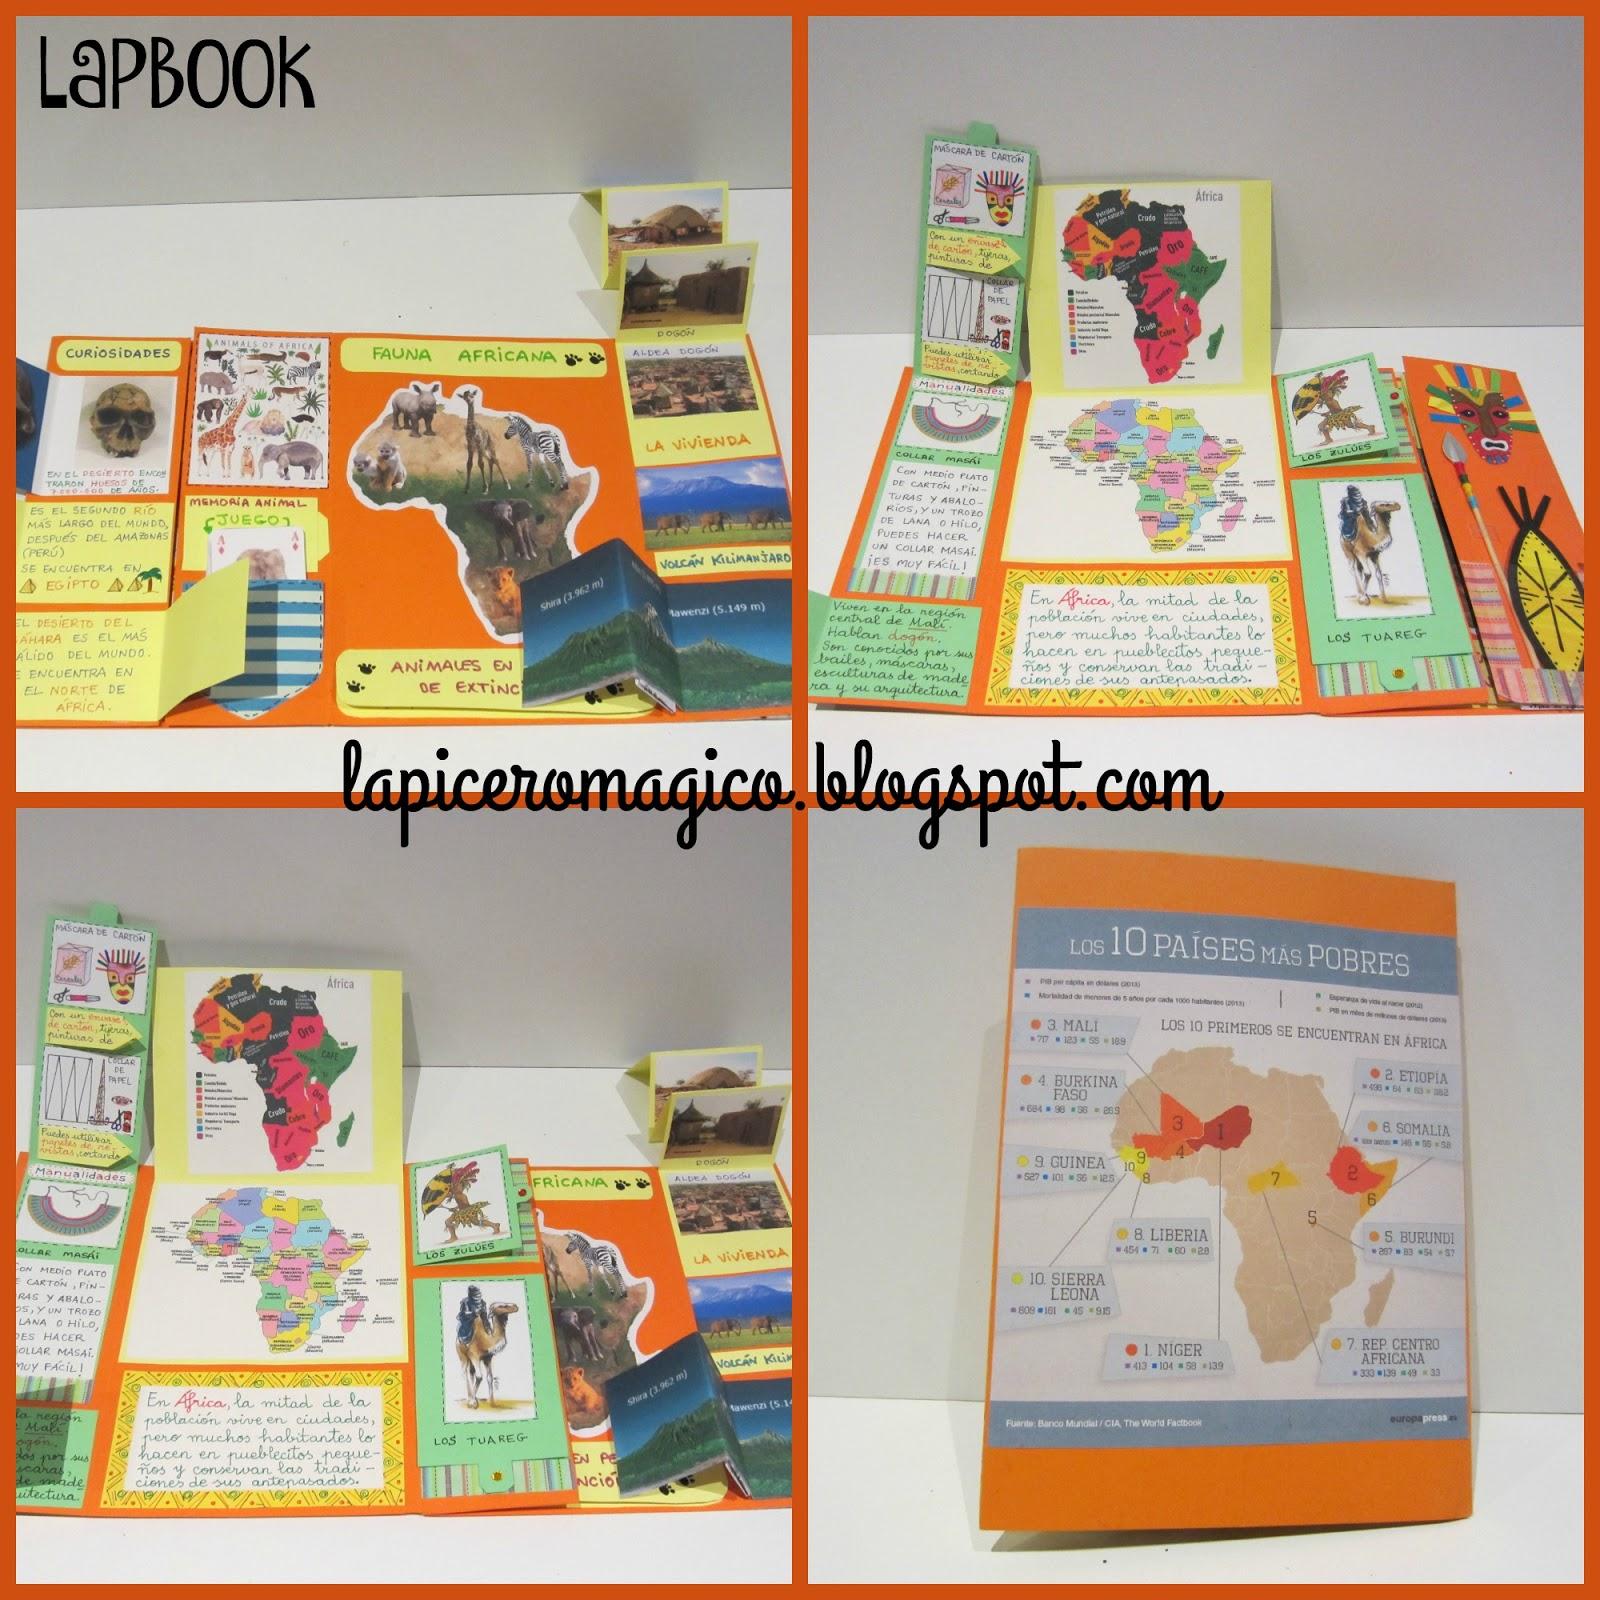 LAPICERO MÁGICO: Lapbook